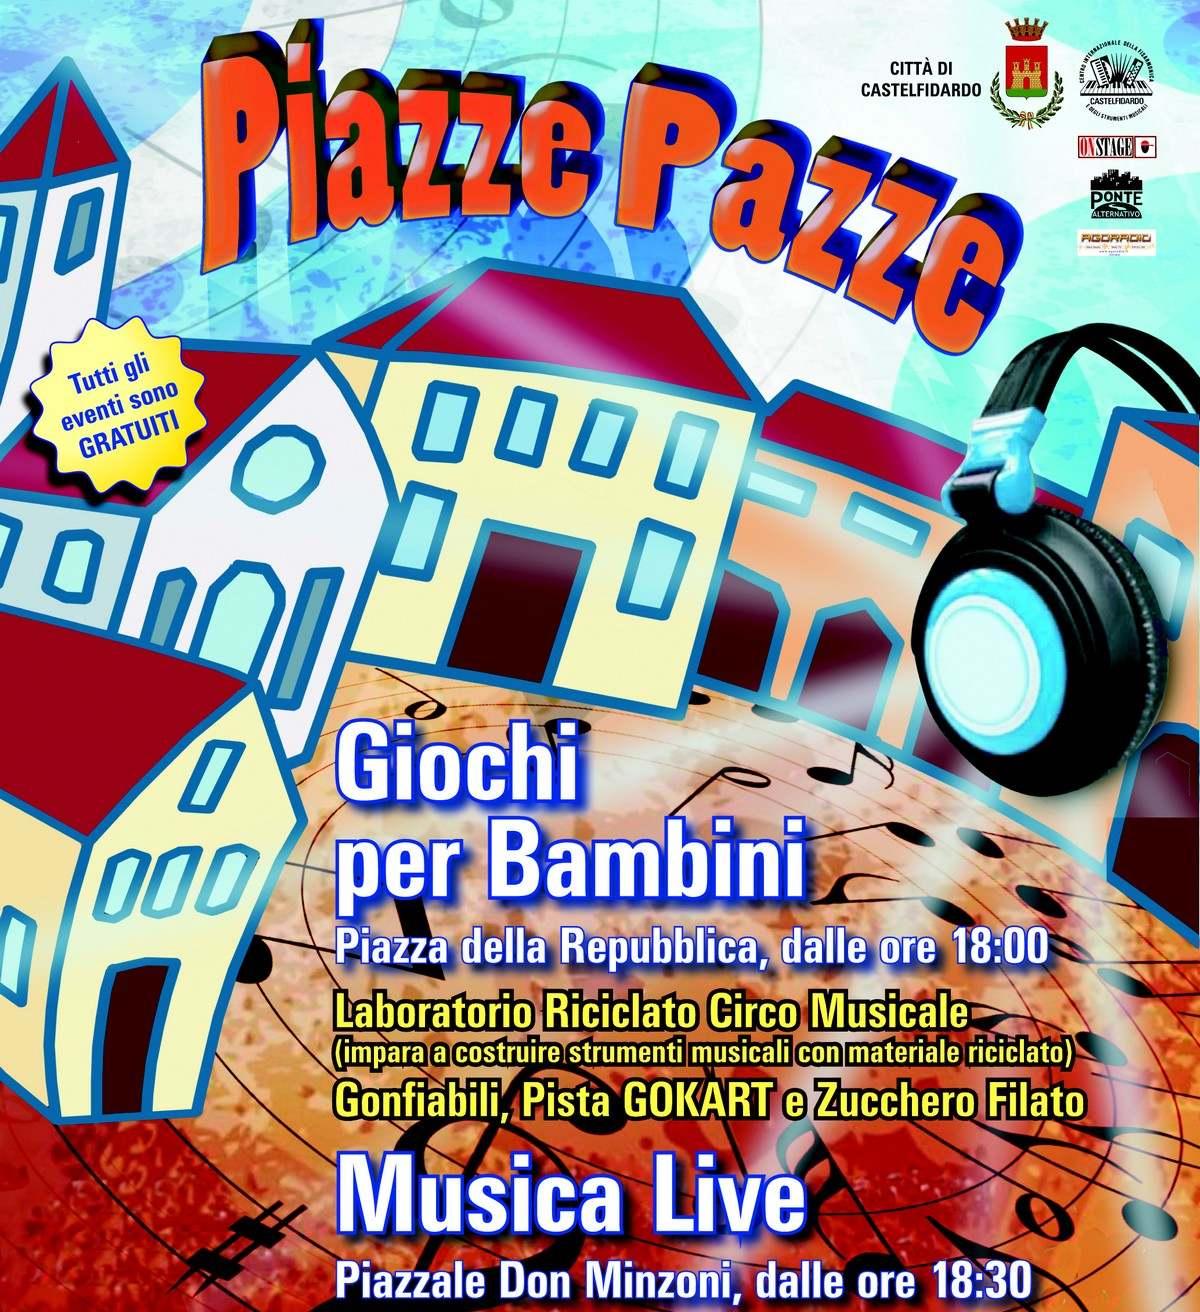 """Un sabato con """"Piazze pazze"""" a Castelfidardo"""